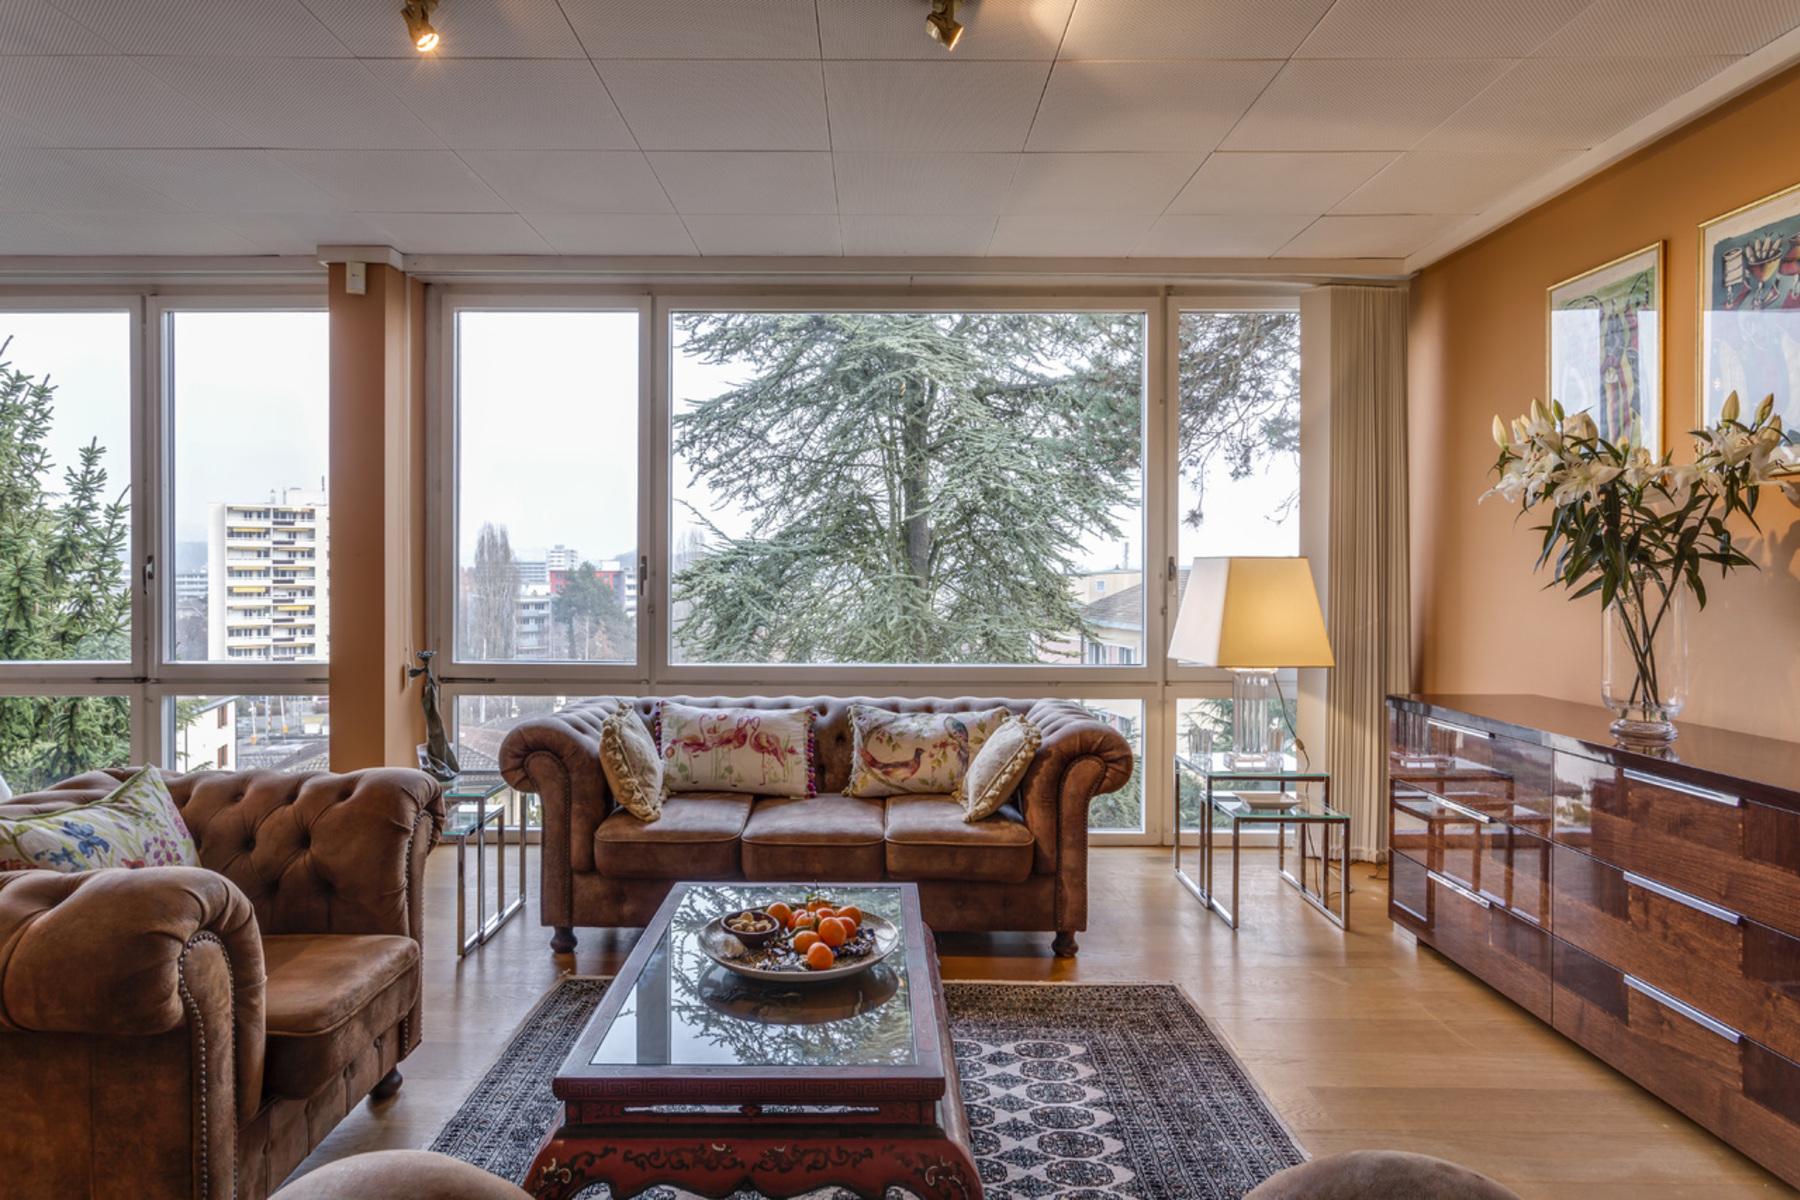 獨棟家庭住宅 為 出售 在 7.5 room contemporary villa Ecublens, Other Switzerland, 瑞士的其他地區, 1024 瑞士